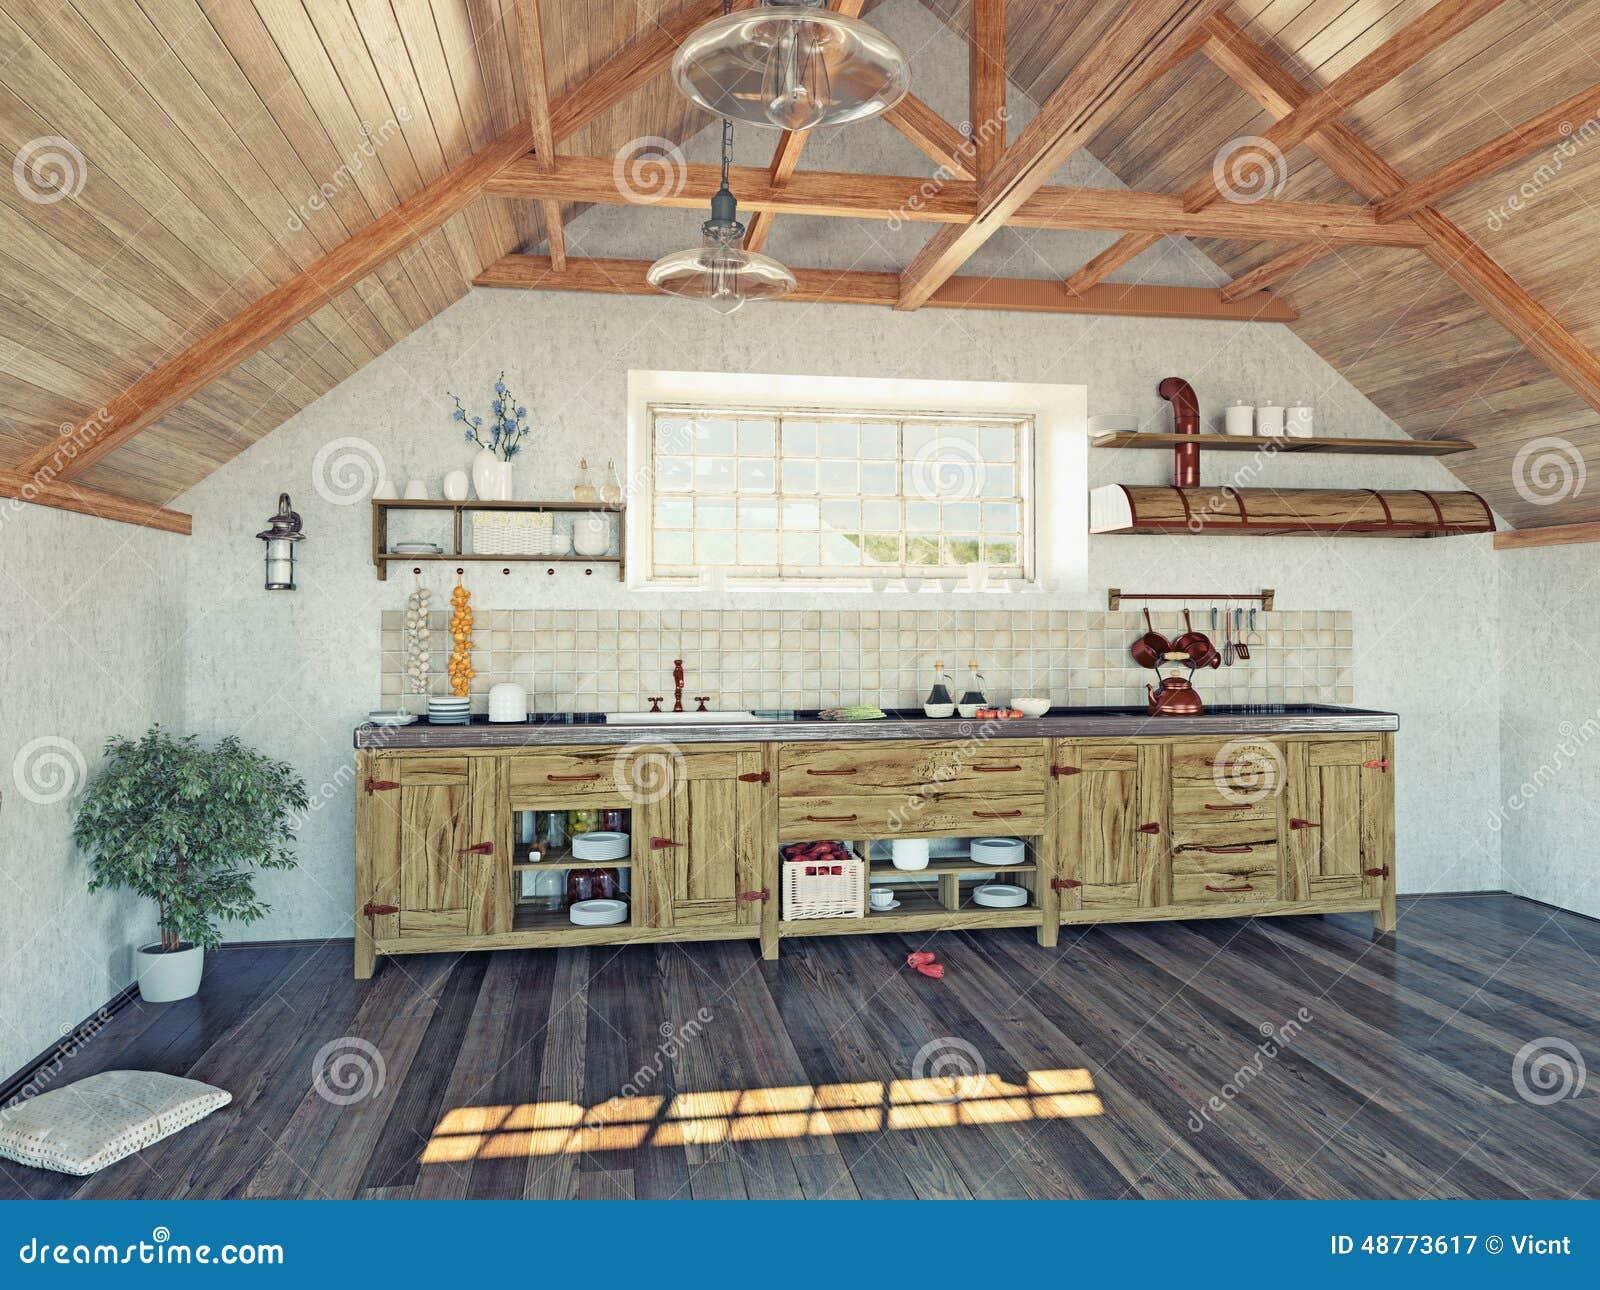 Keuken in de zolder